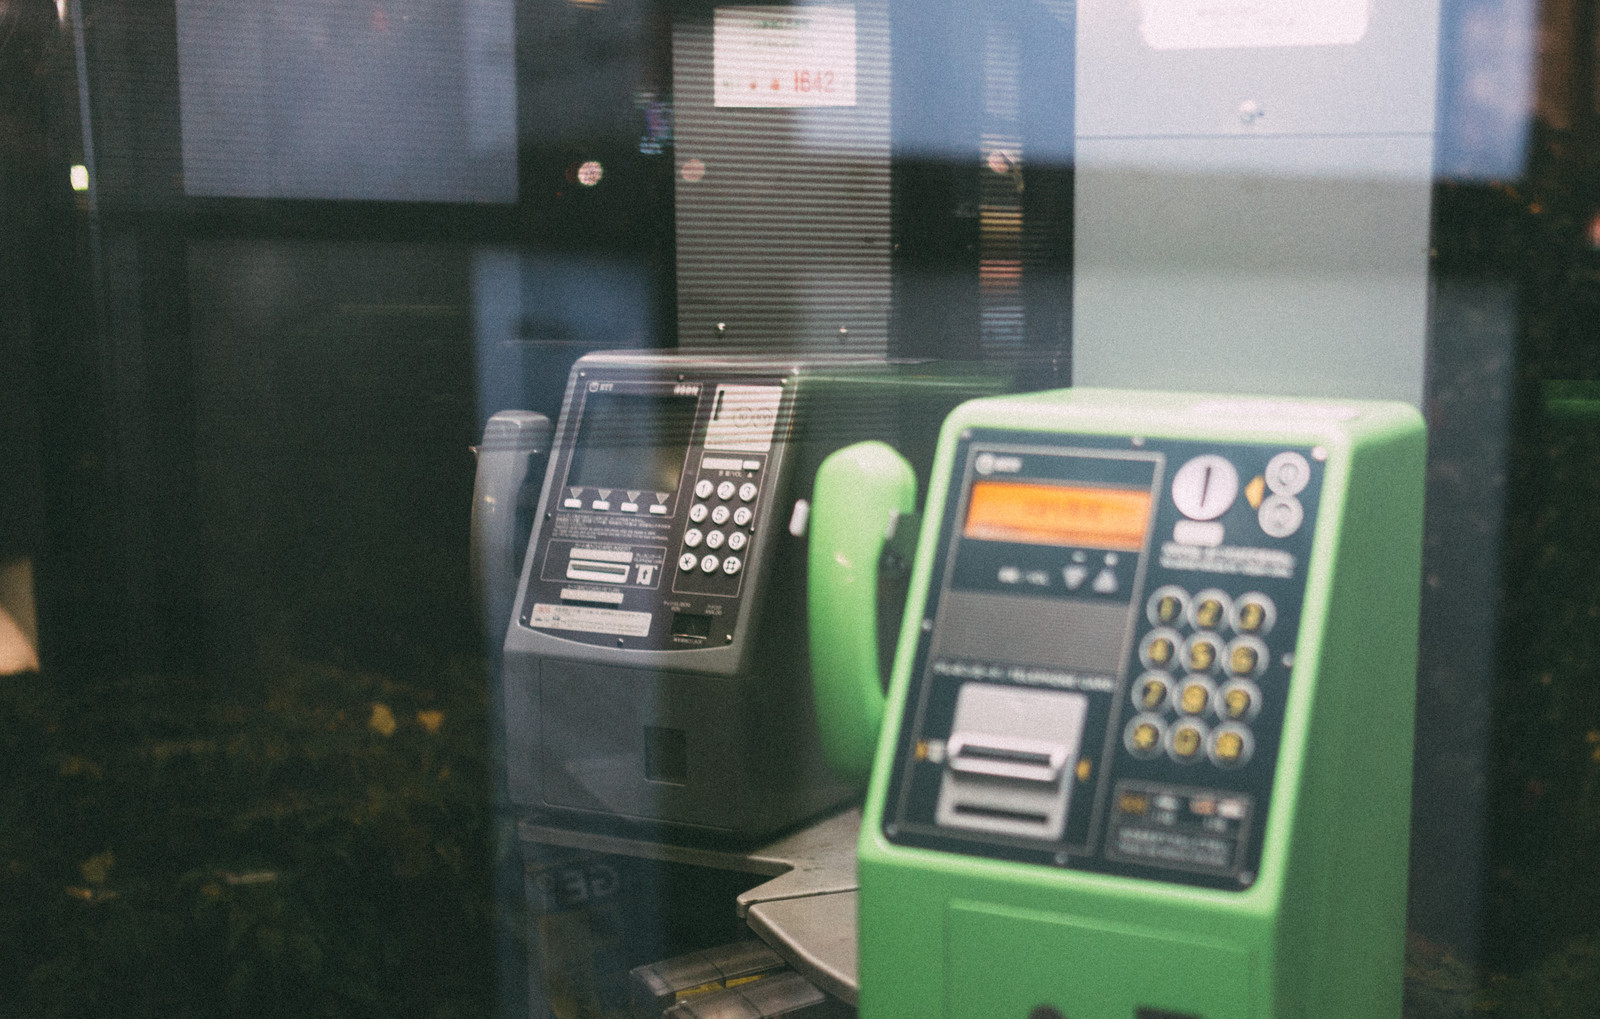 「灰色と緑の電話ボックス」の写真